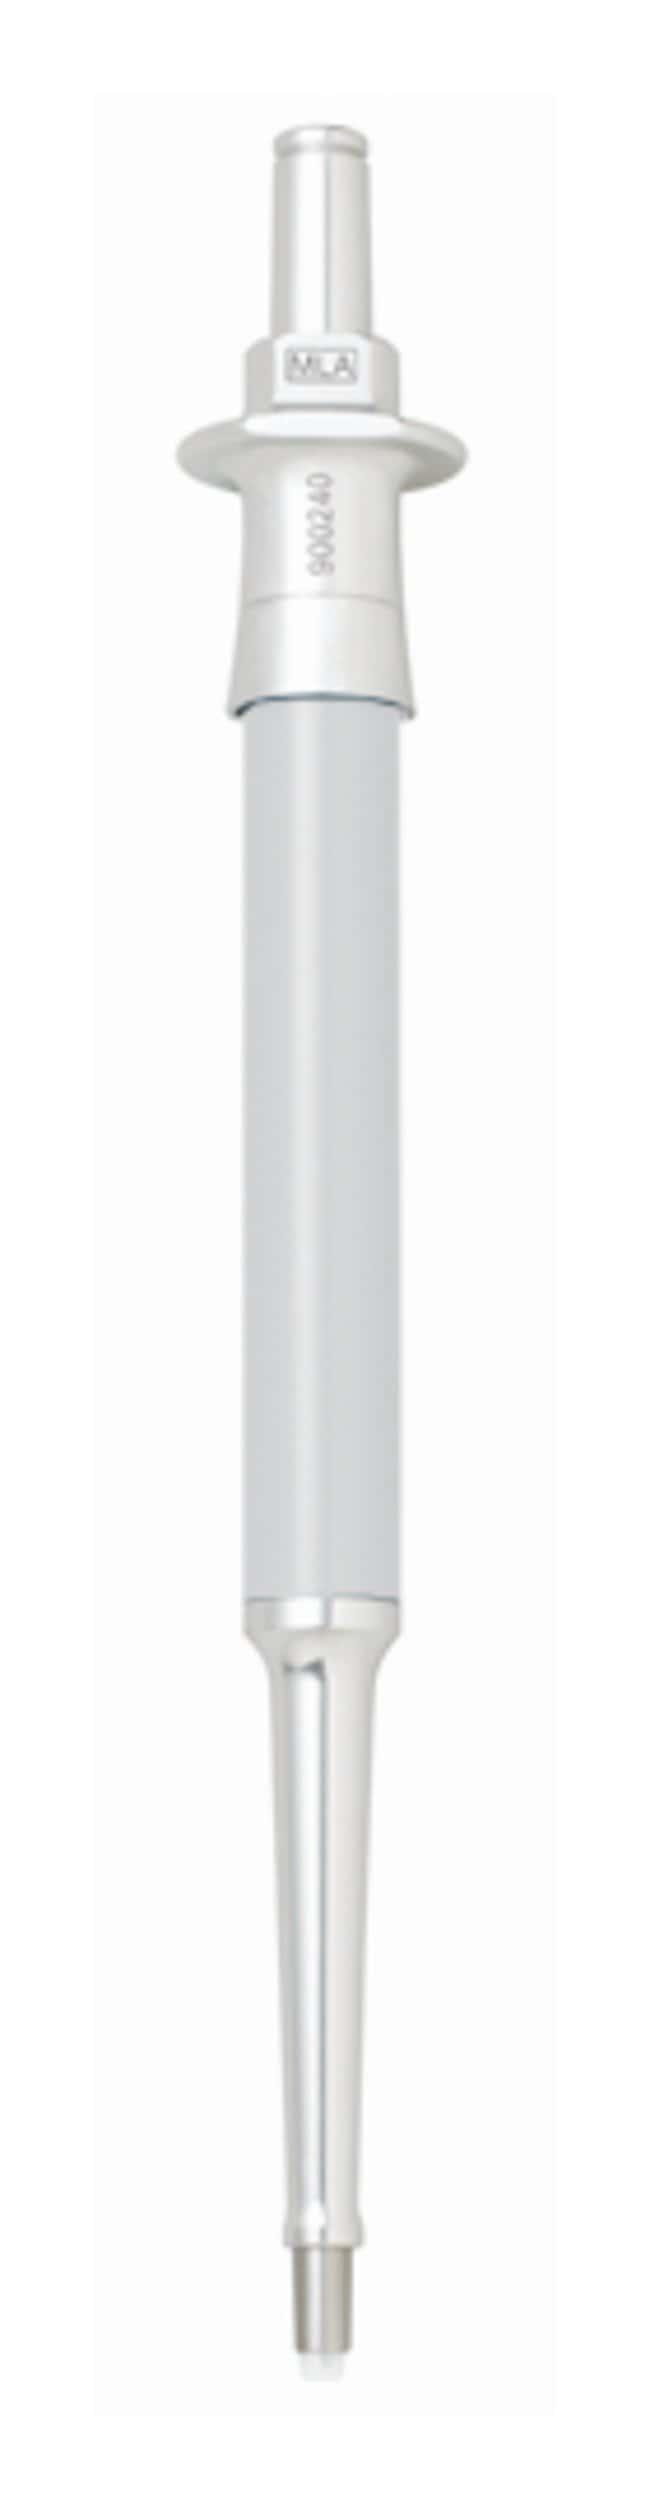 VistaLab™ TechnologiesPipeteurs MLA™ Brand D-Tipper™ Précision: 1,00%, précision: 0,36%, volume: 150μl, couleur: Argent VistaLab™ TechnologiesPipeteurs MLA™ Brand D-Tipper™